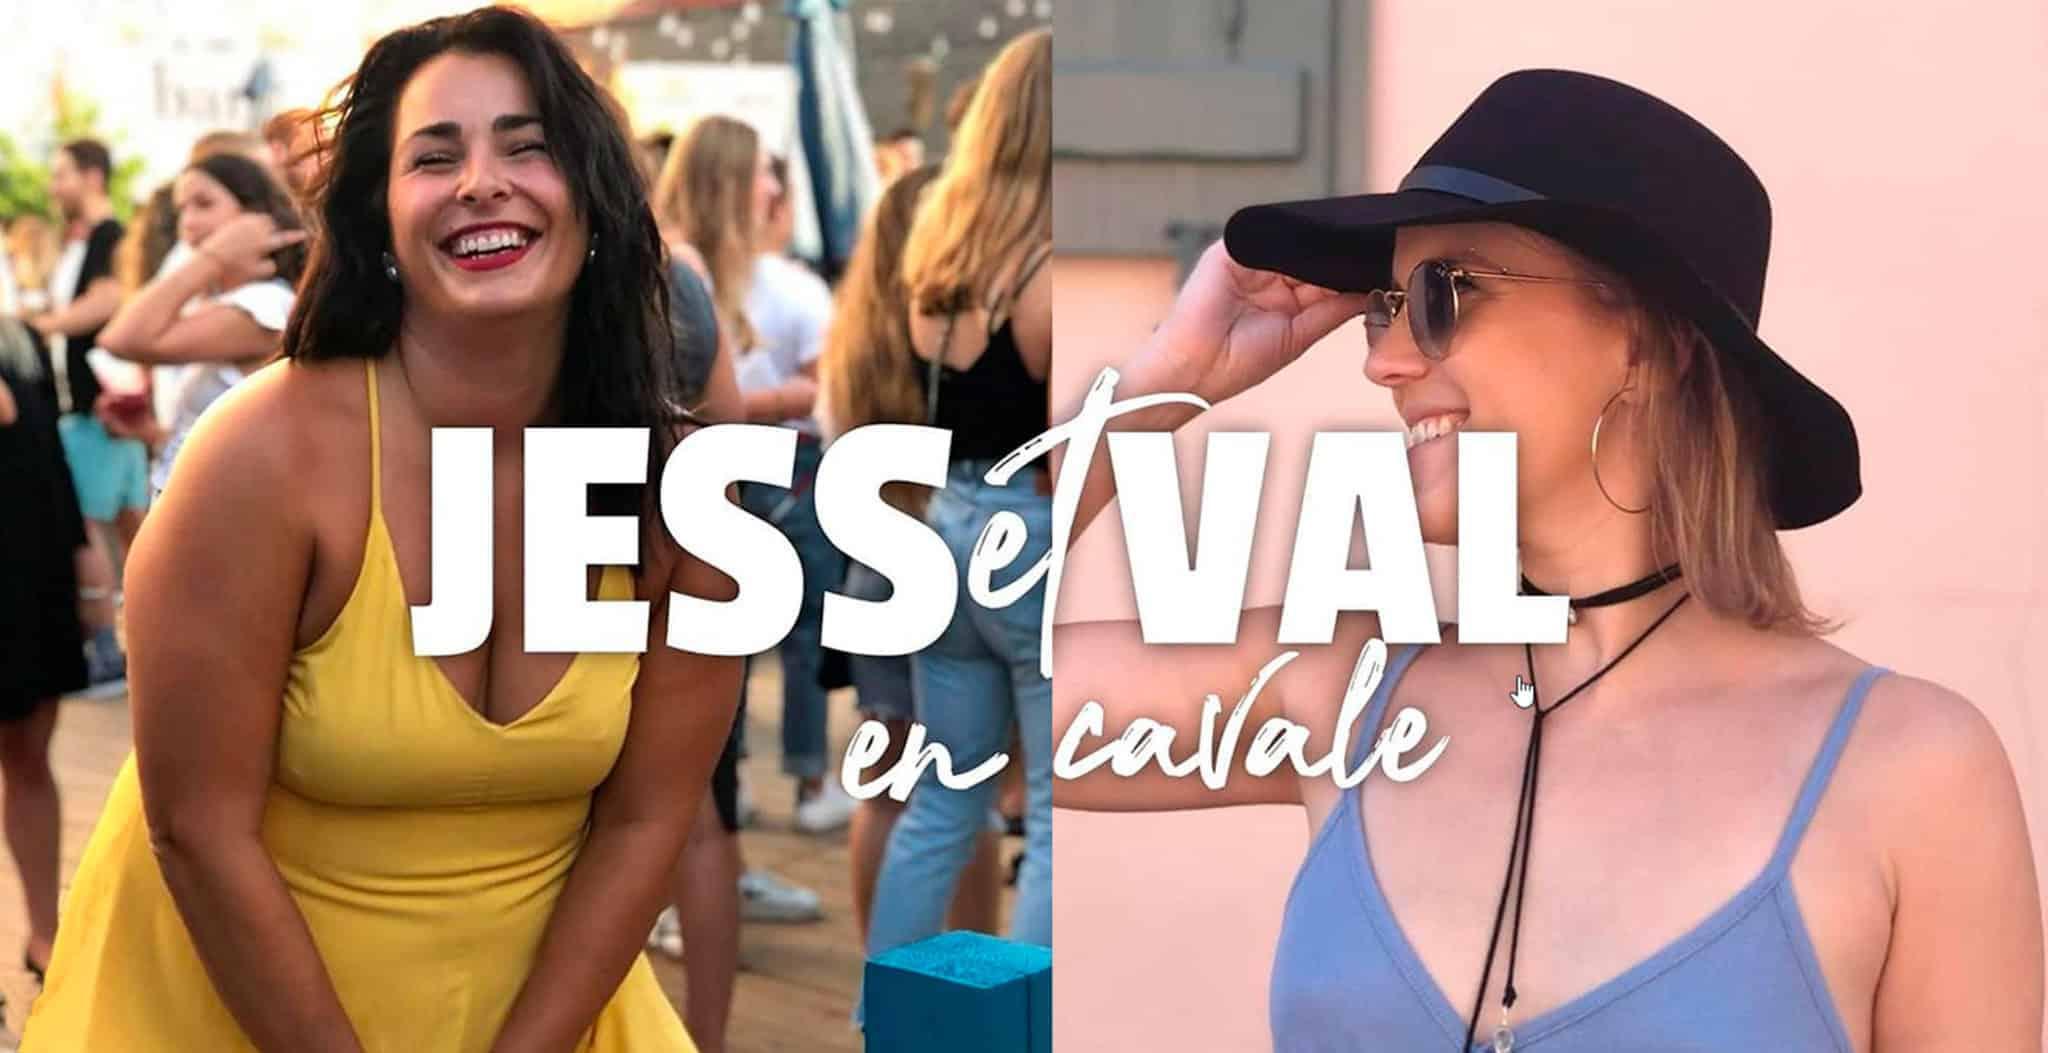 Jess & Val en cavale T shirt jess et val en cavale Vendeur